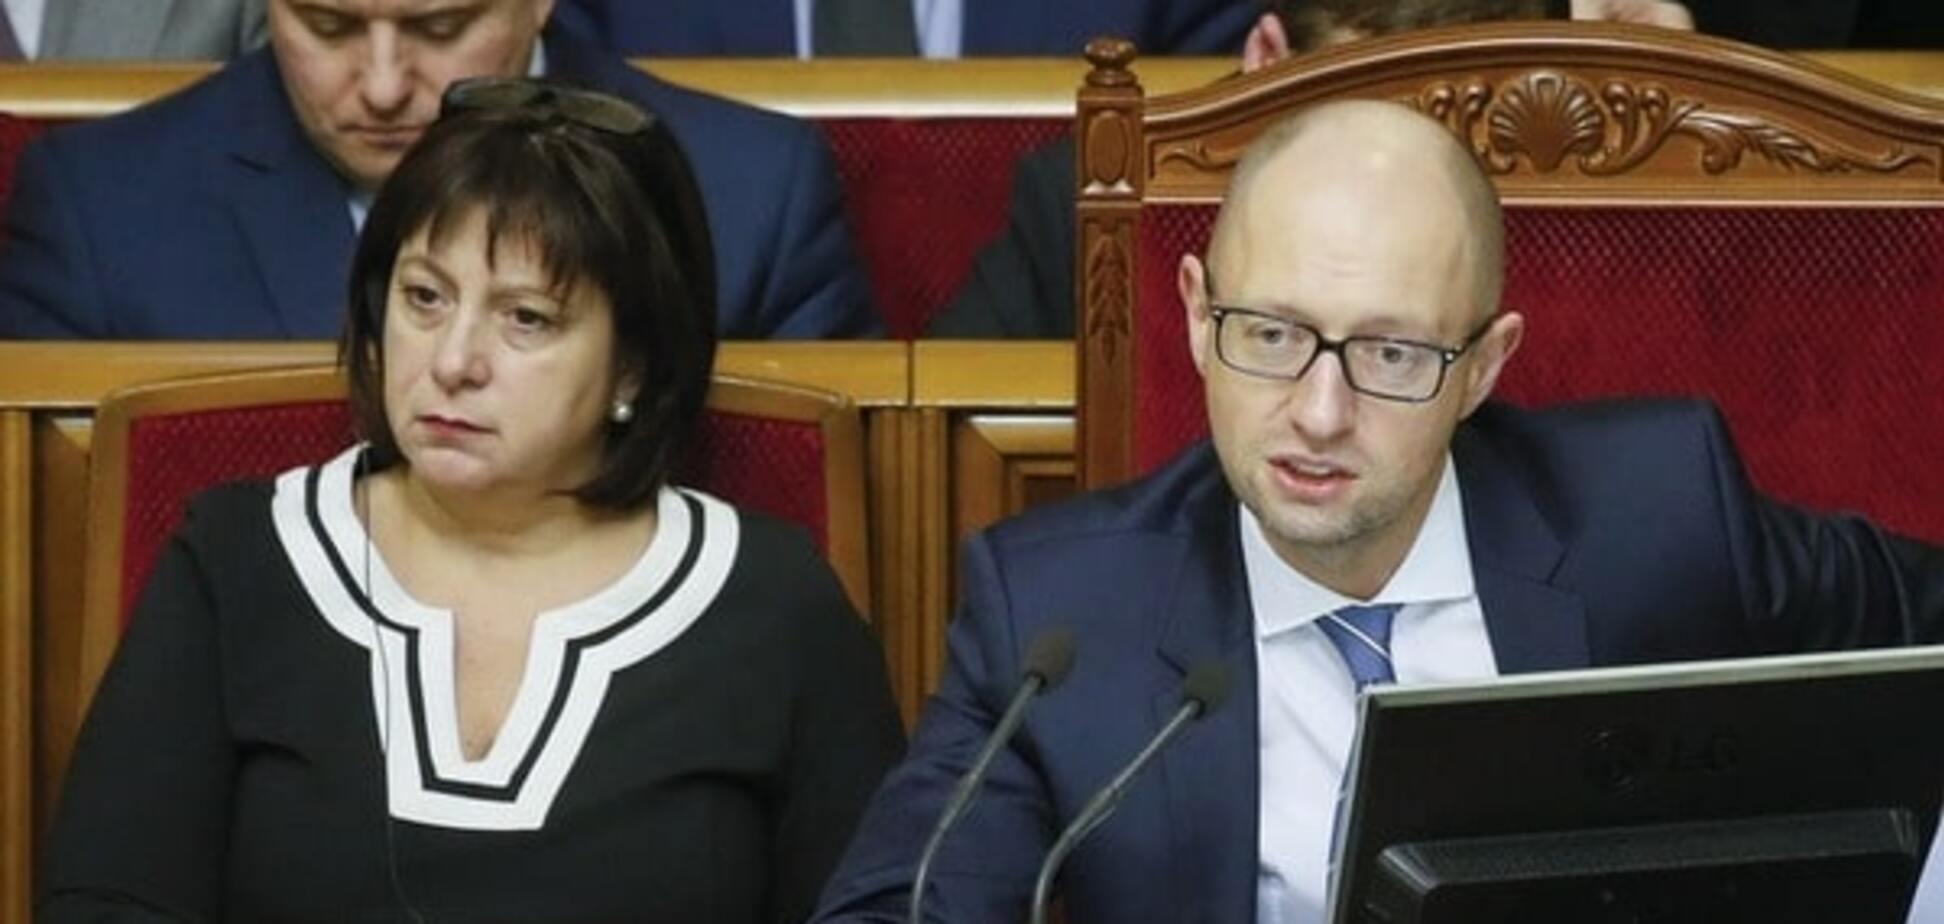 У Тимошенко отчет Яценюка за 2015 год назвали 'мусором'